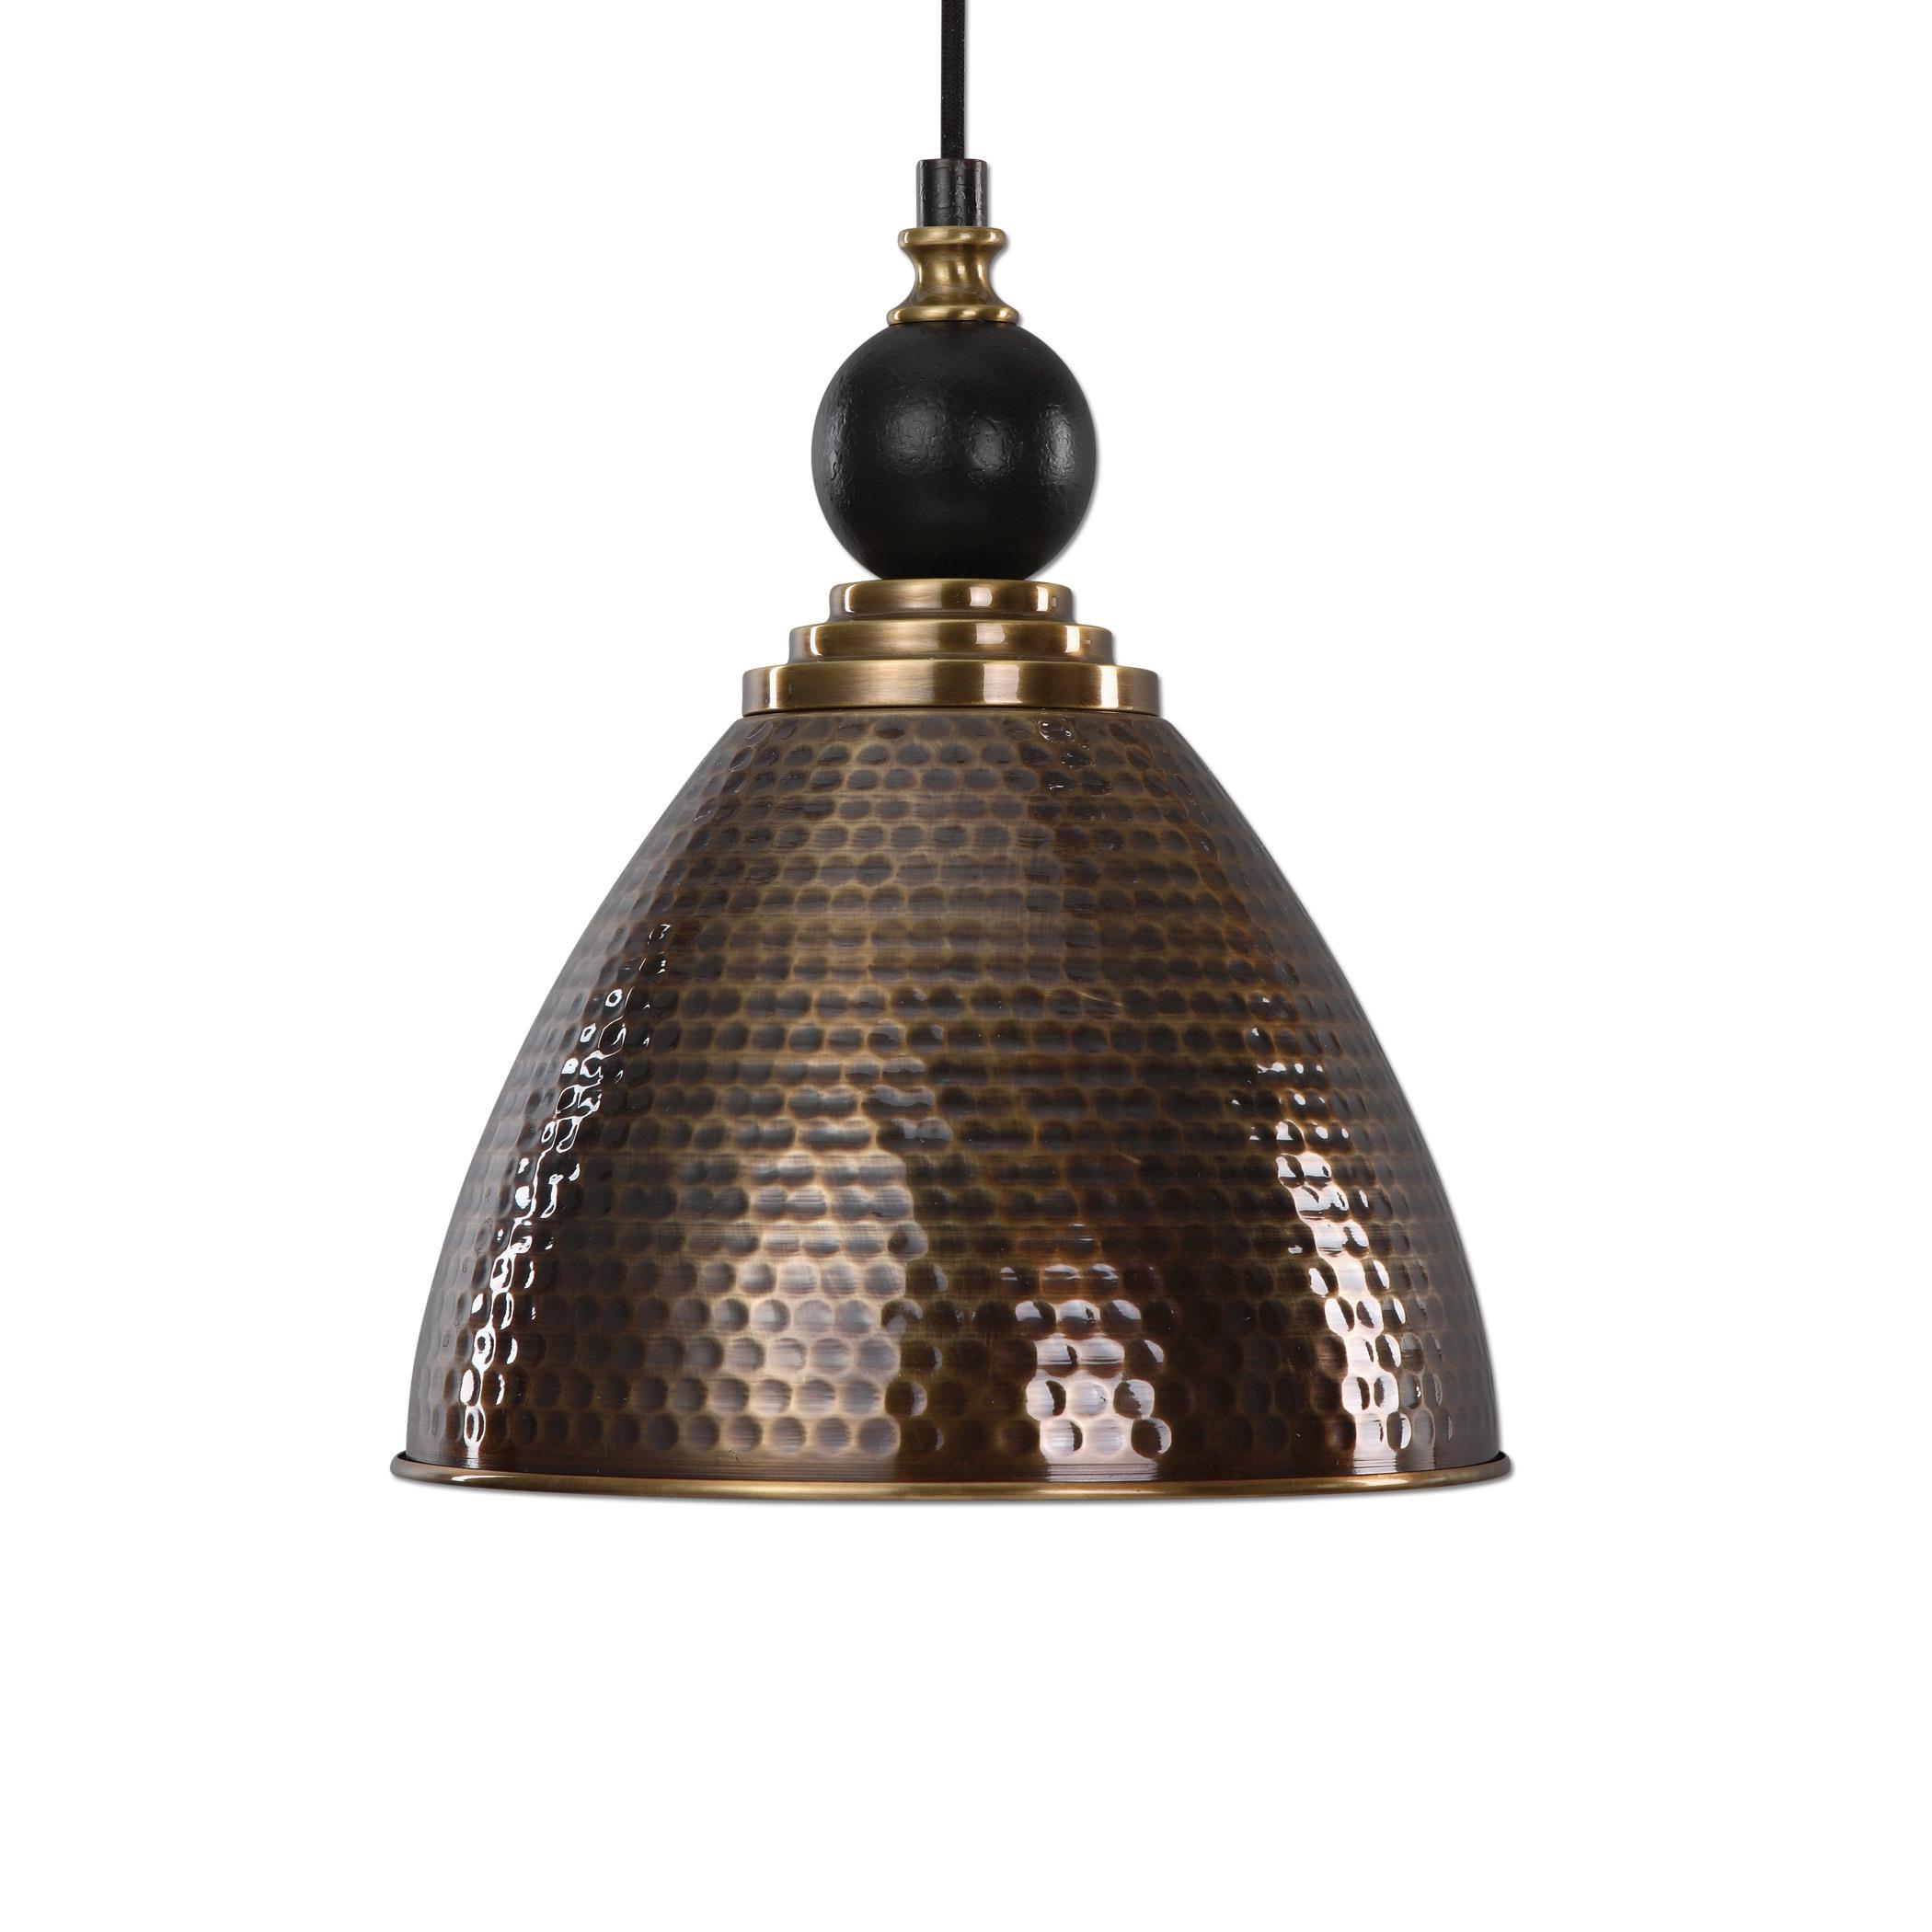 Lighting Fixtures - Pendant Lights Adastra 1 Light Antique Brass Pendant by Uttermost at Lucas Furniture & Mattress